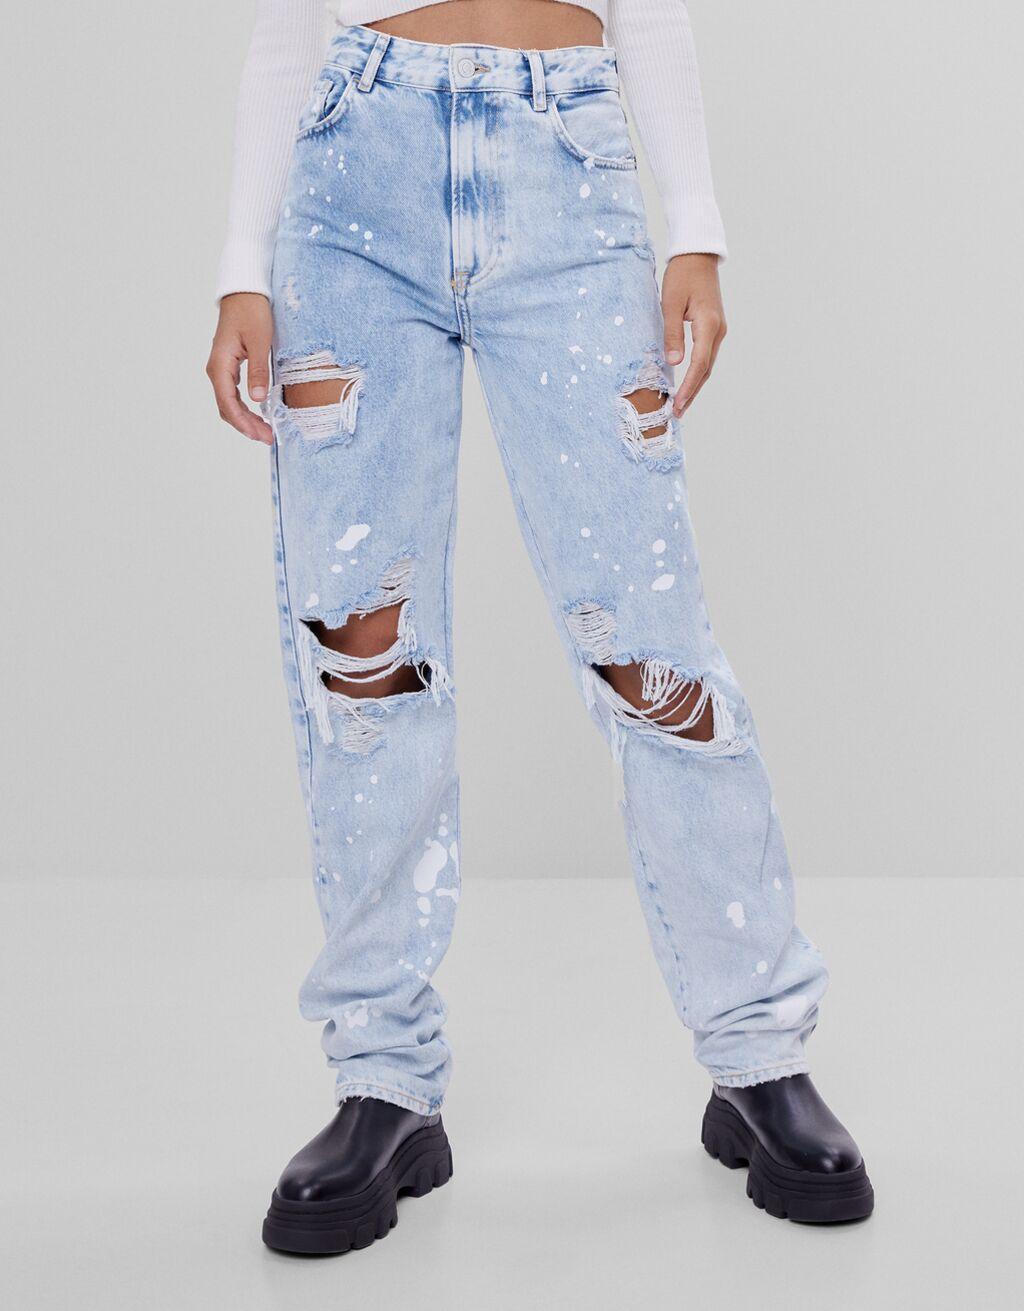 Jeans mit Rissen im Straight Fit und Washed-Look